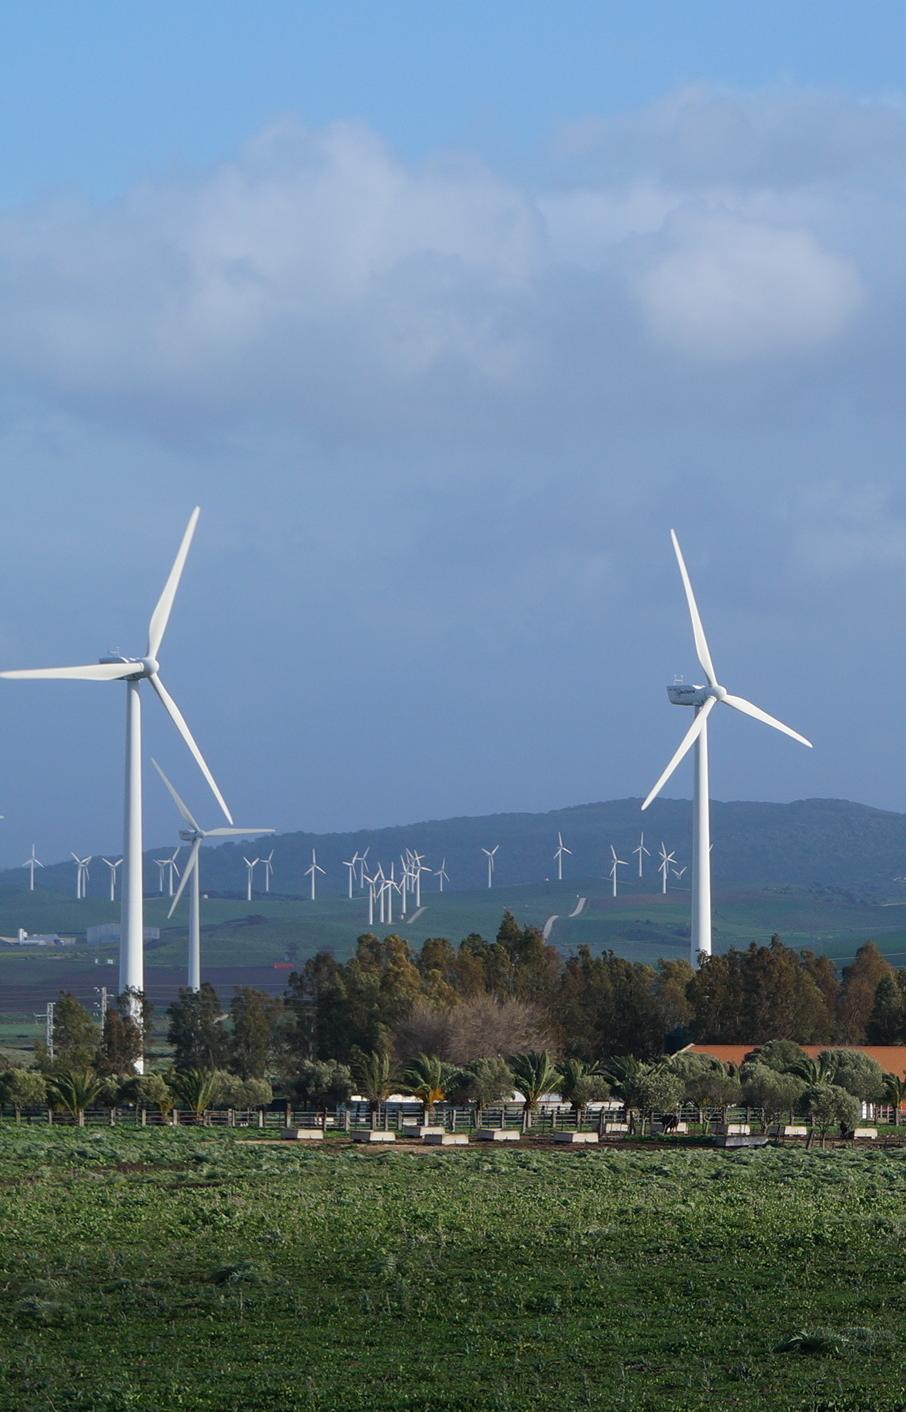 Испания планирует полностью перейти на возобновляемые источники энергии